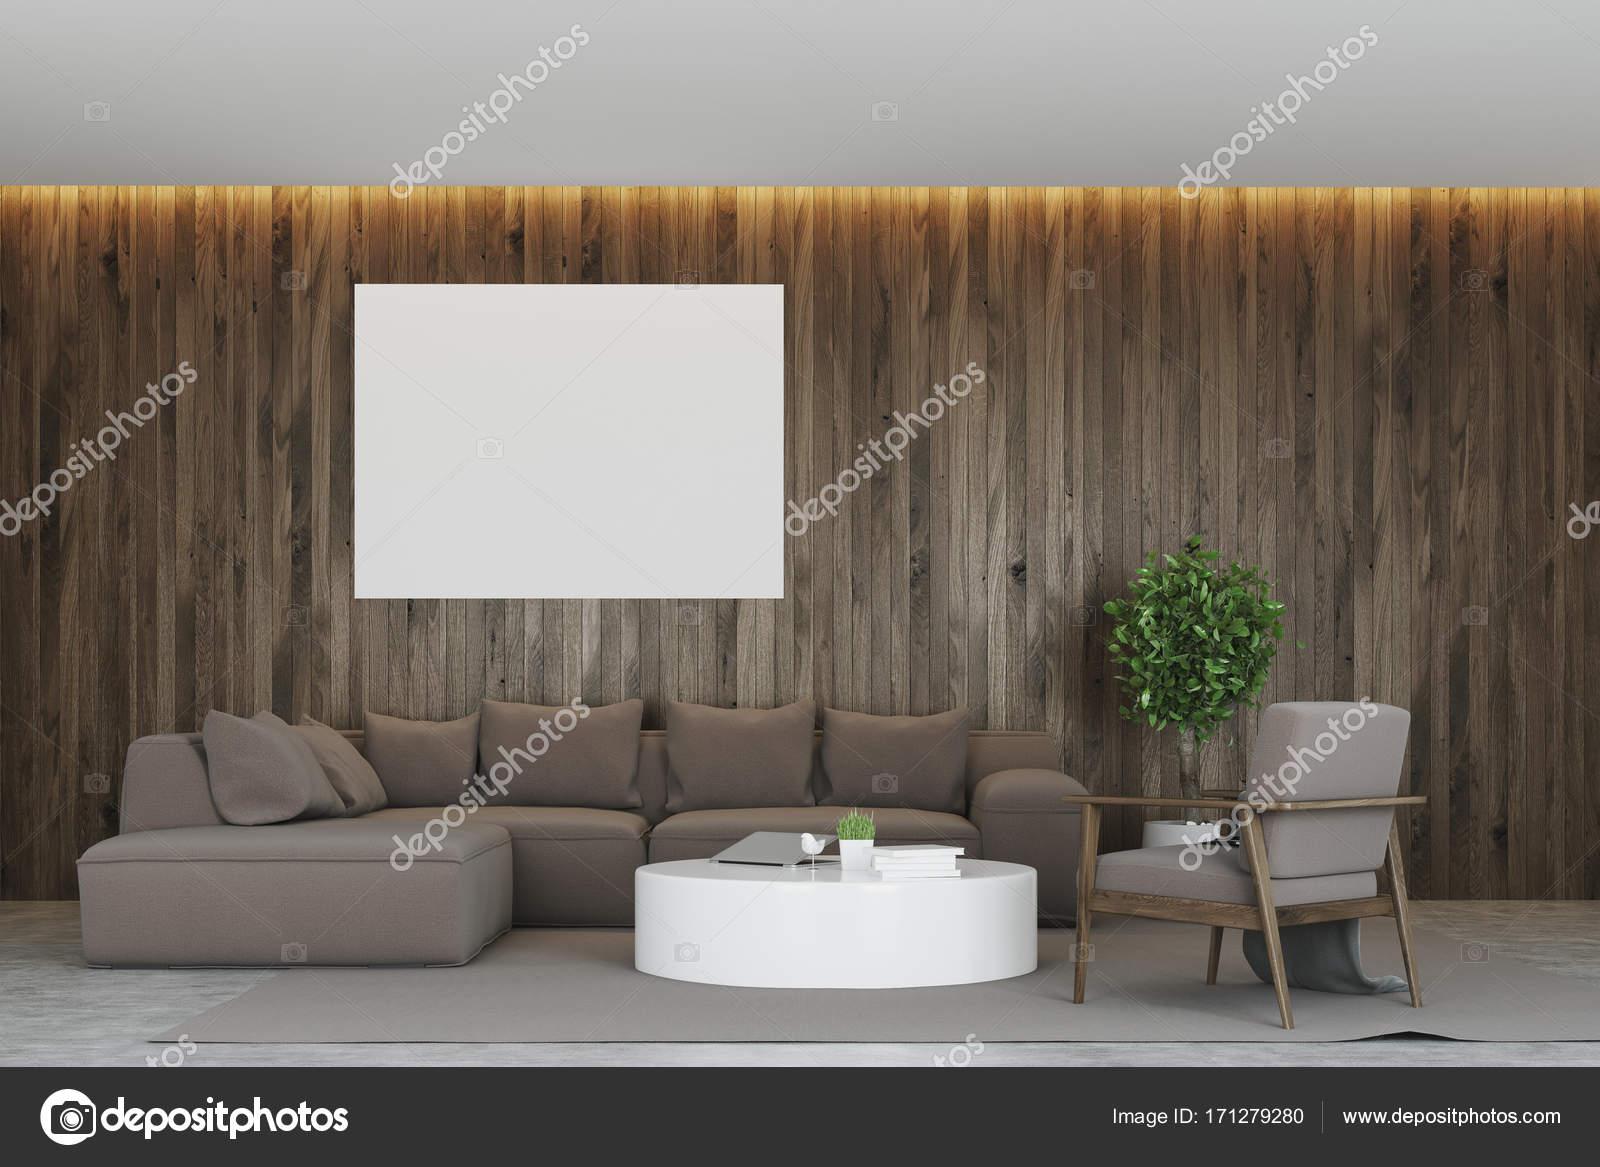 Dunkles Holz Wohnzimmer Interieur Mit Einem Grauen Sofa, Ein Runder  Couchtisch Und Horizontale Poster An Der Wand. 3D Rendering Mock Up U2014 Foto  Von ...